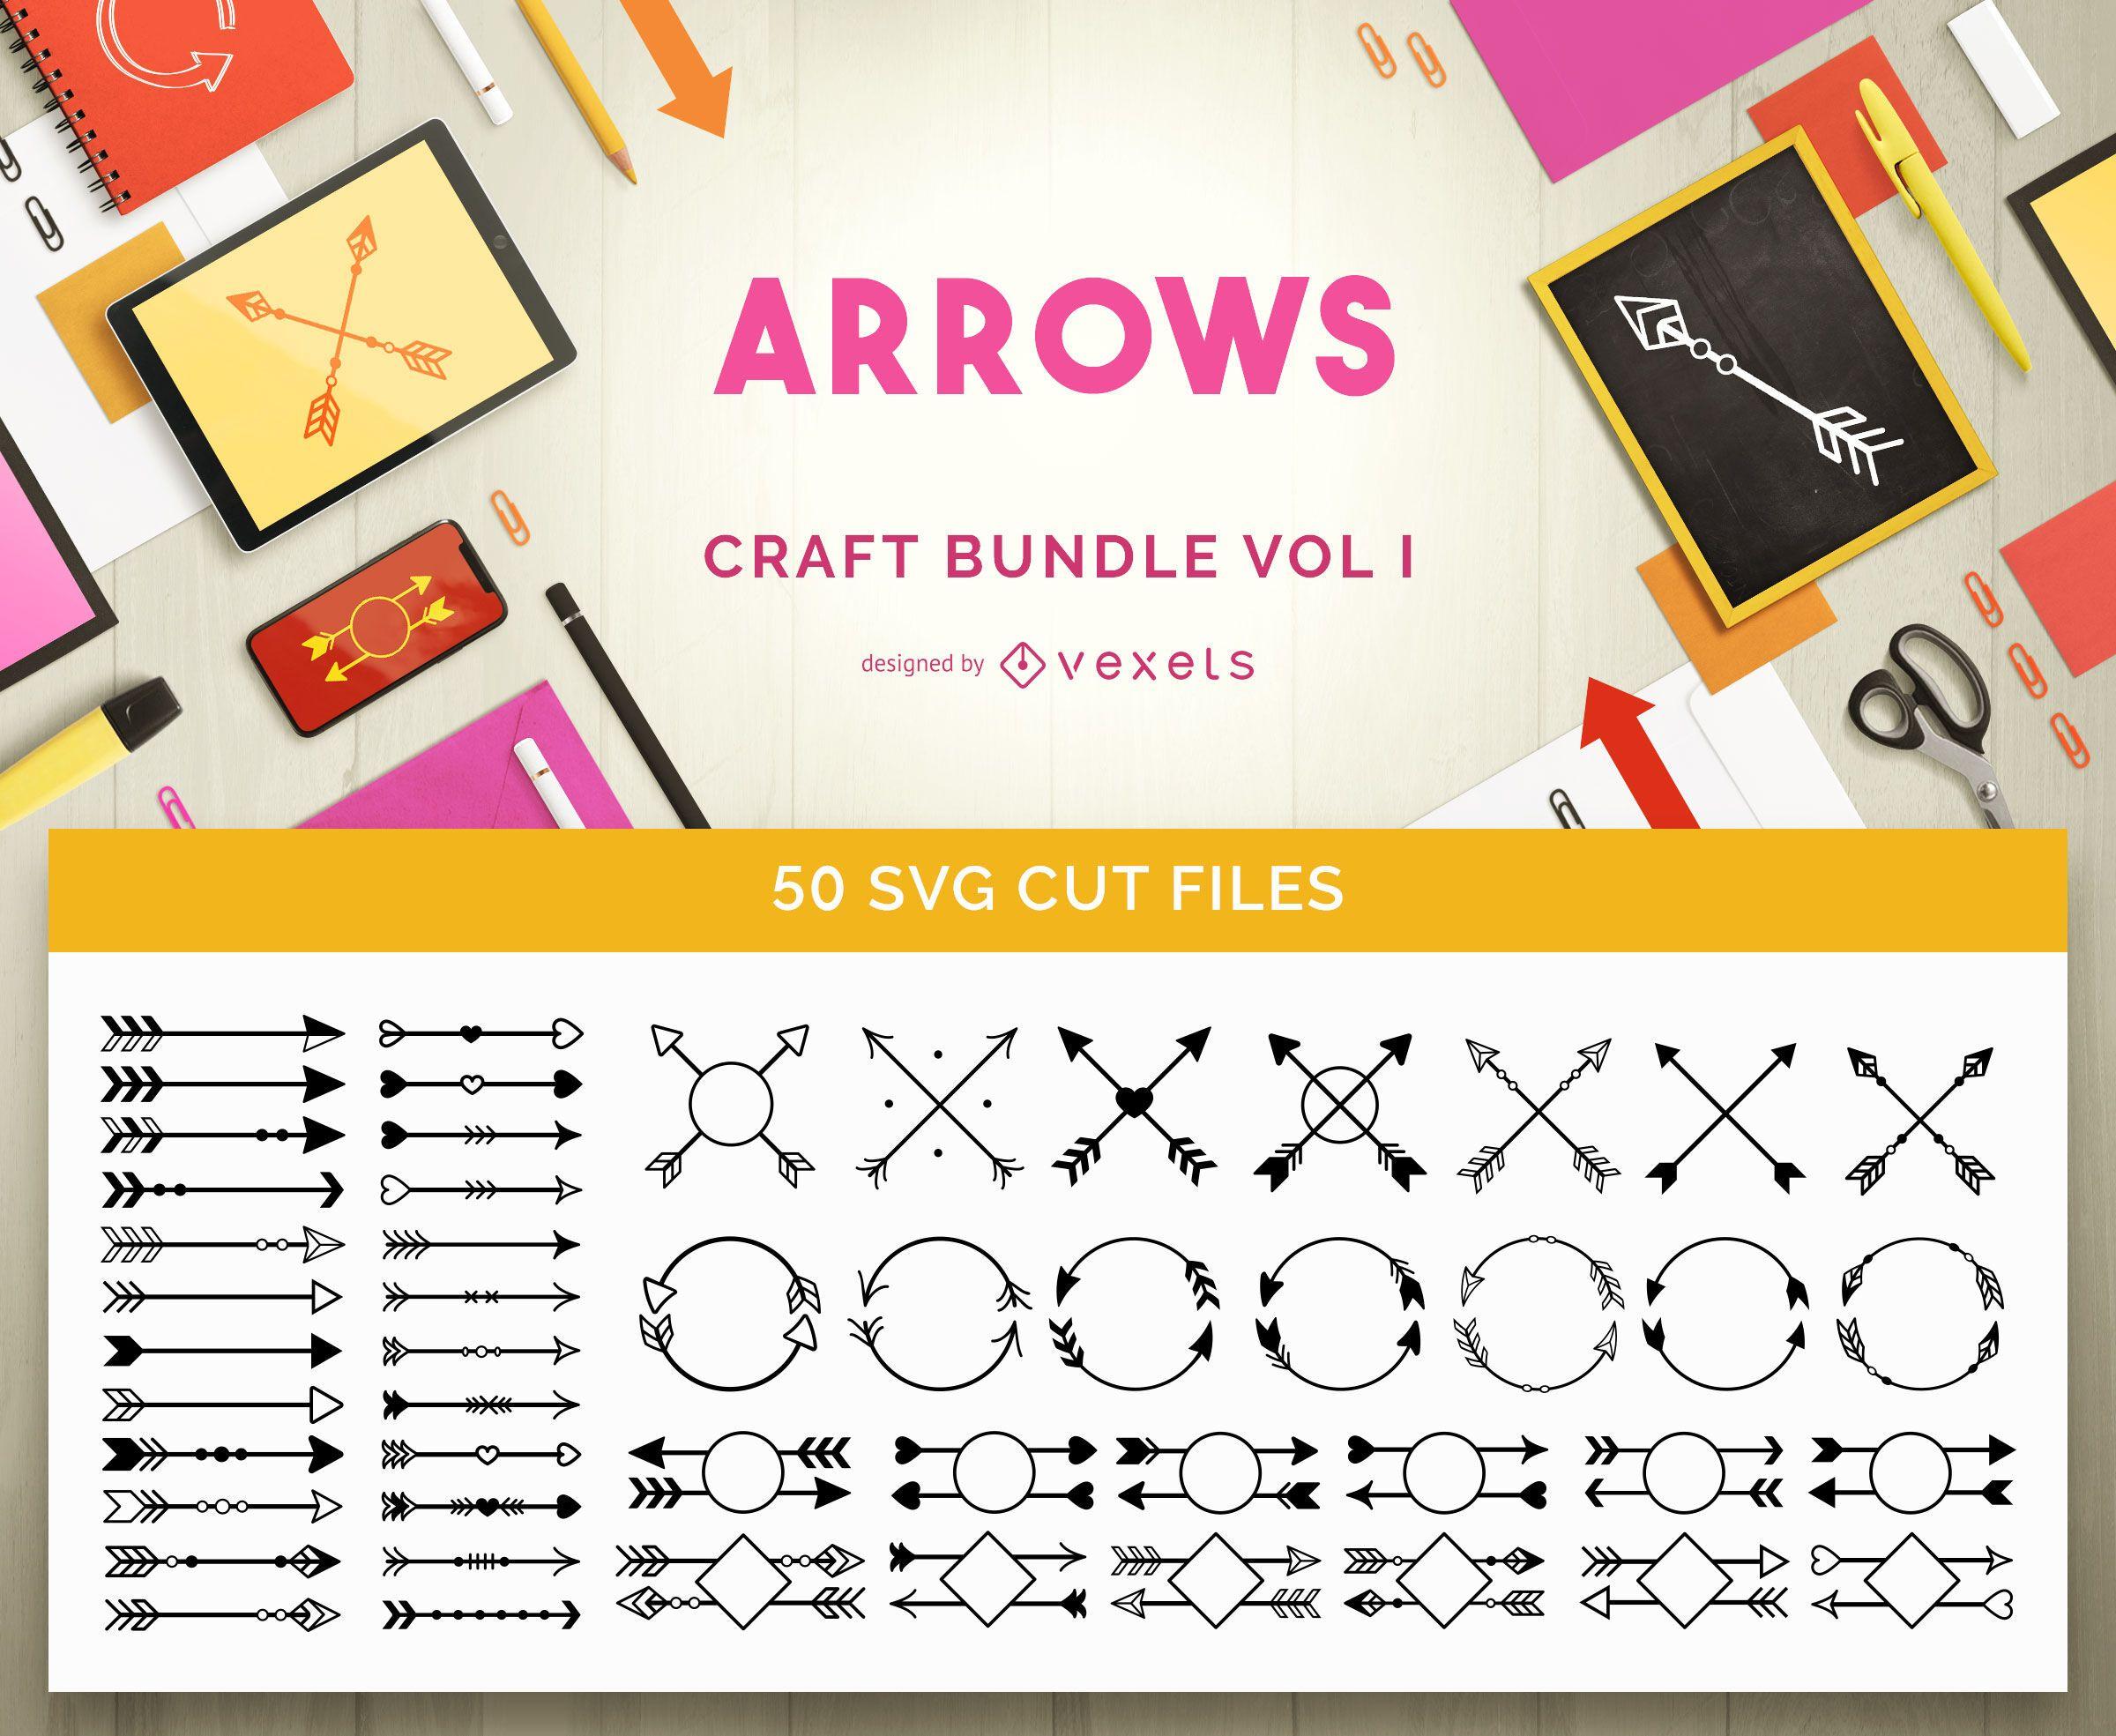 Arrows Craft Bundle Vol 1